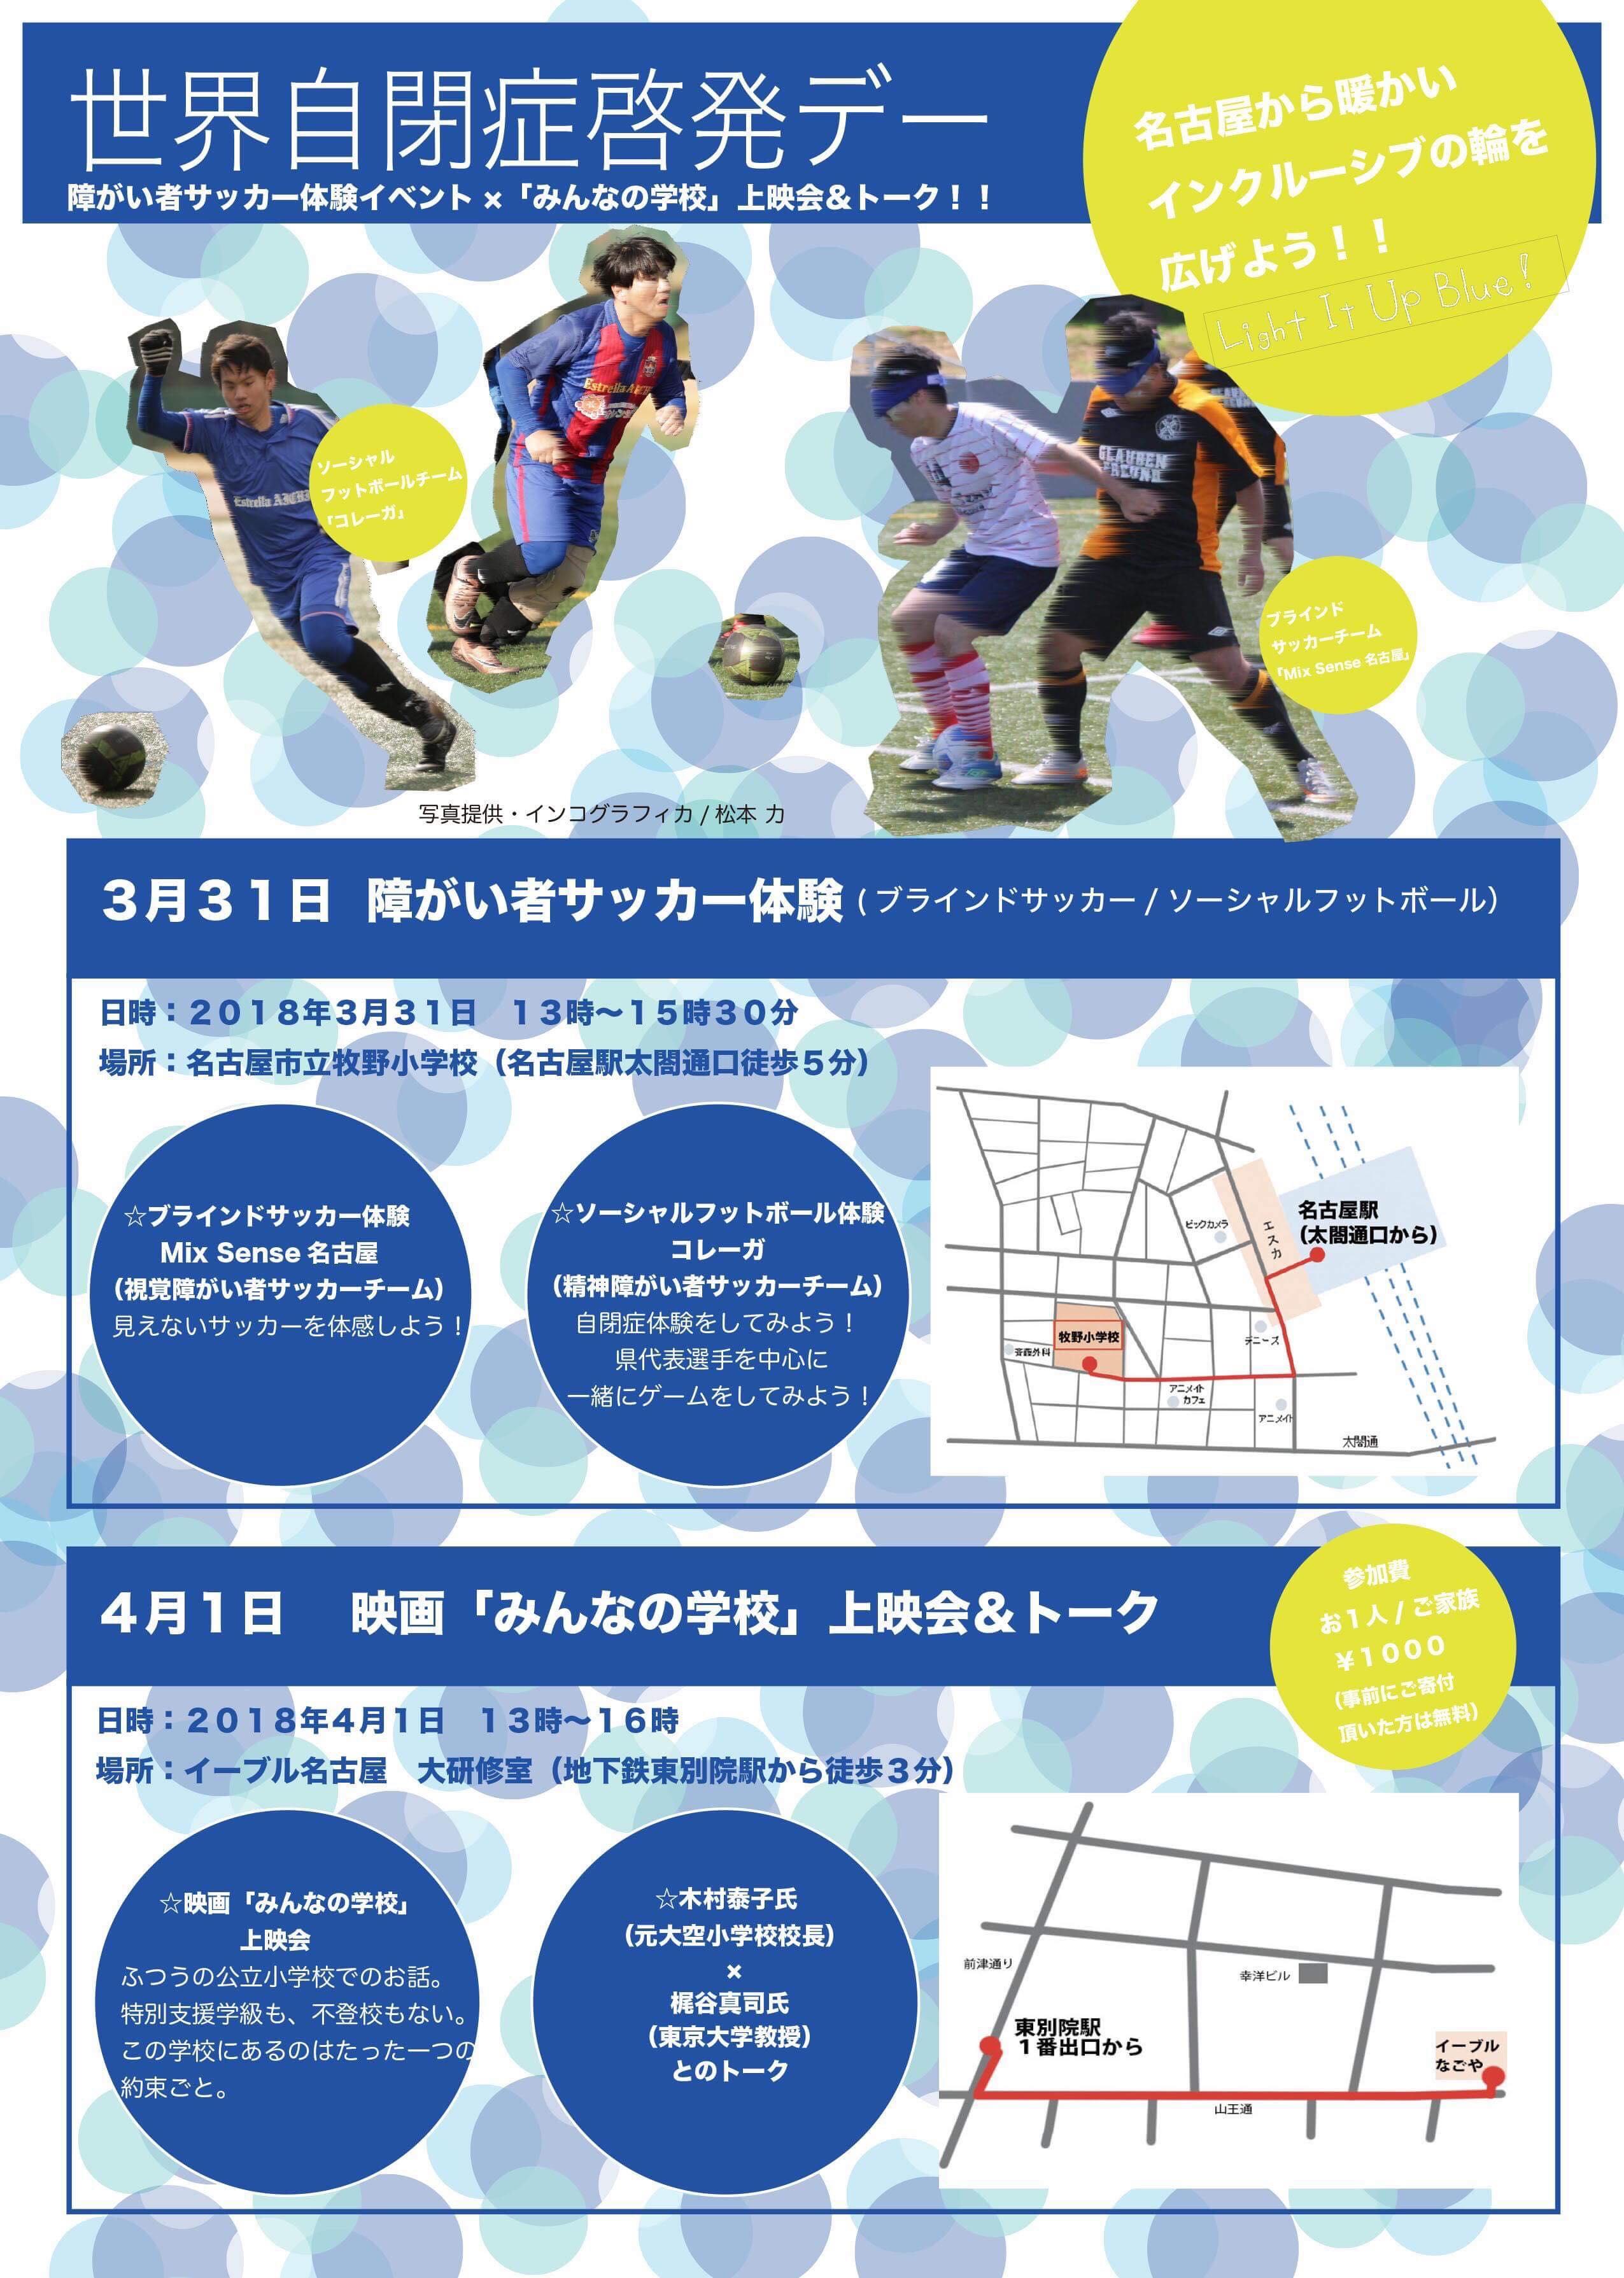 [お知らせ] 3/31・4/1世界自閉症啓発デーイベント『各種障がい者サッカー体験会』&『みんなの学校上映会』